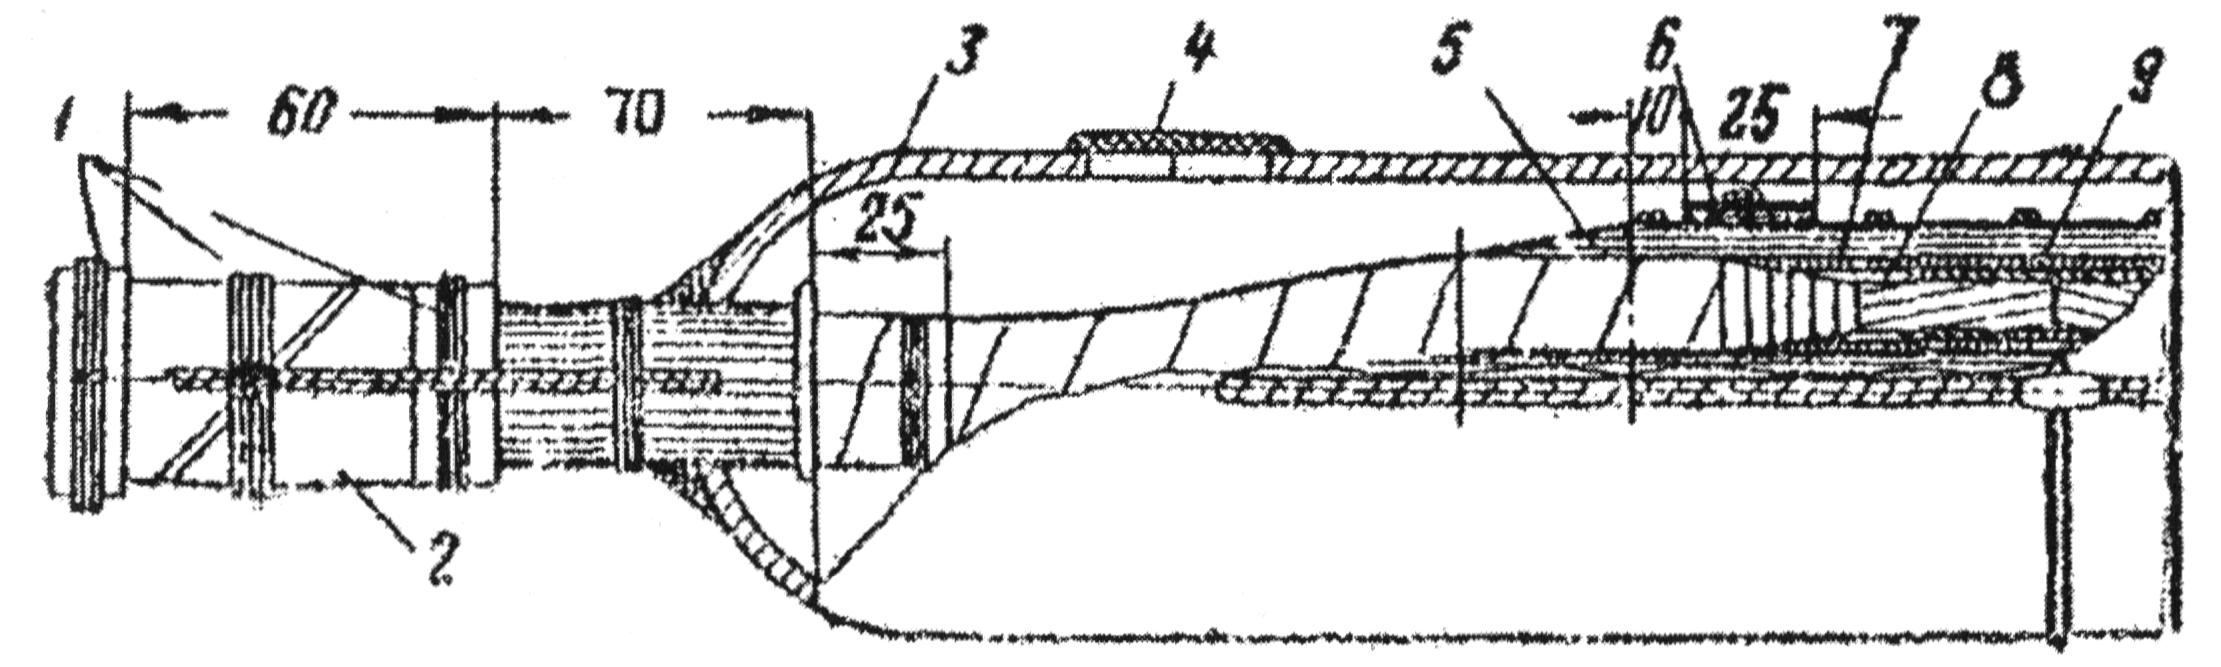 Свинцовая соединительная муфта типа СС для кабелей до 10 кВ